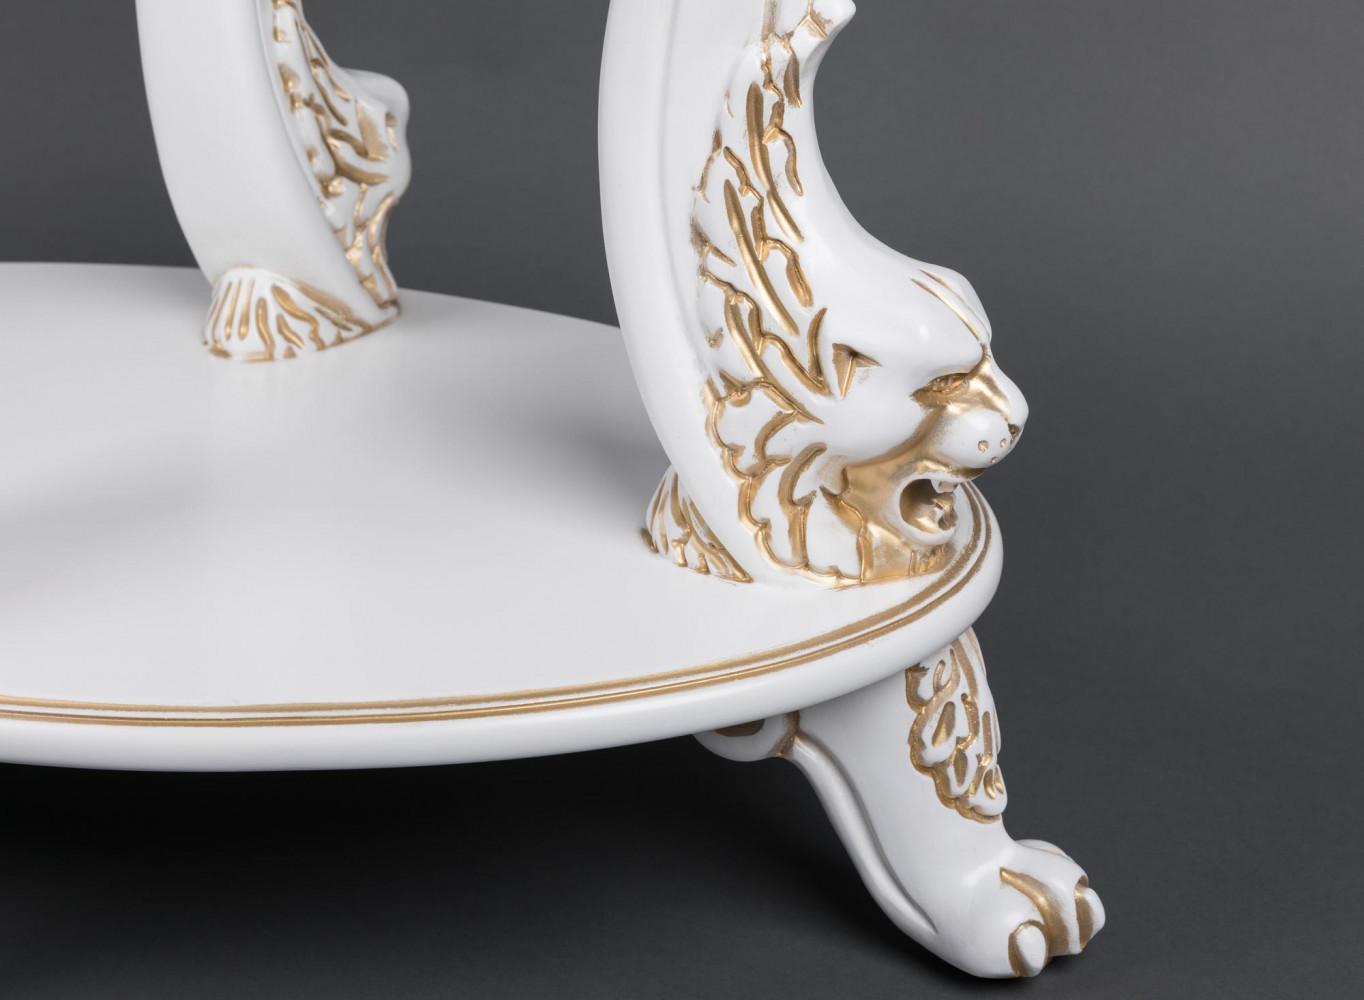 Овальний журнальний столик зі скляною стільницею